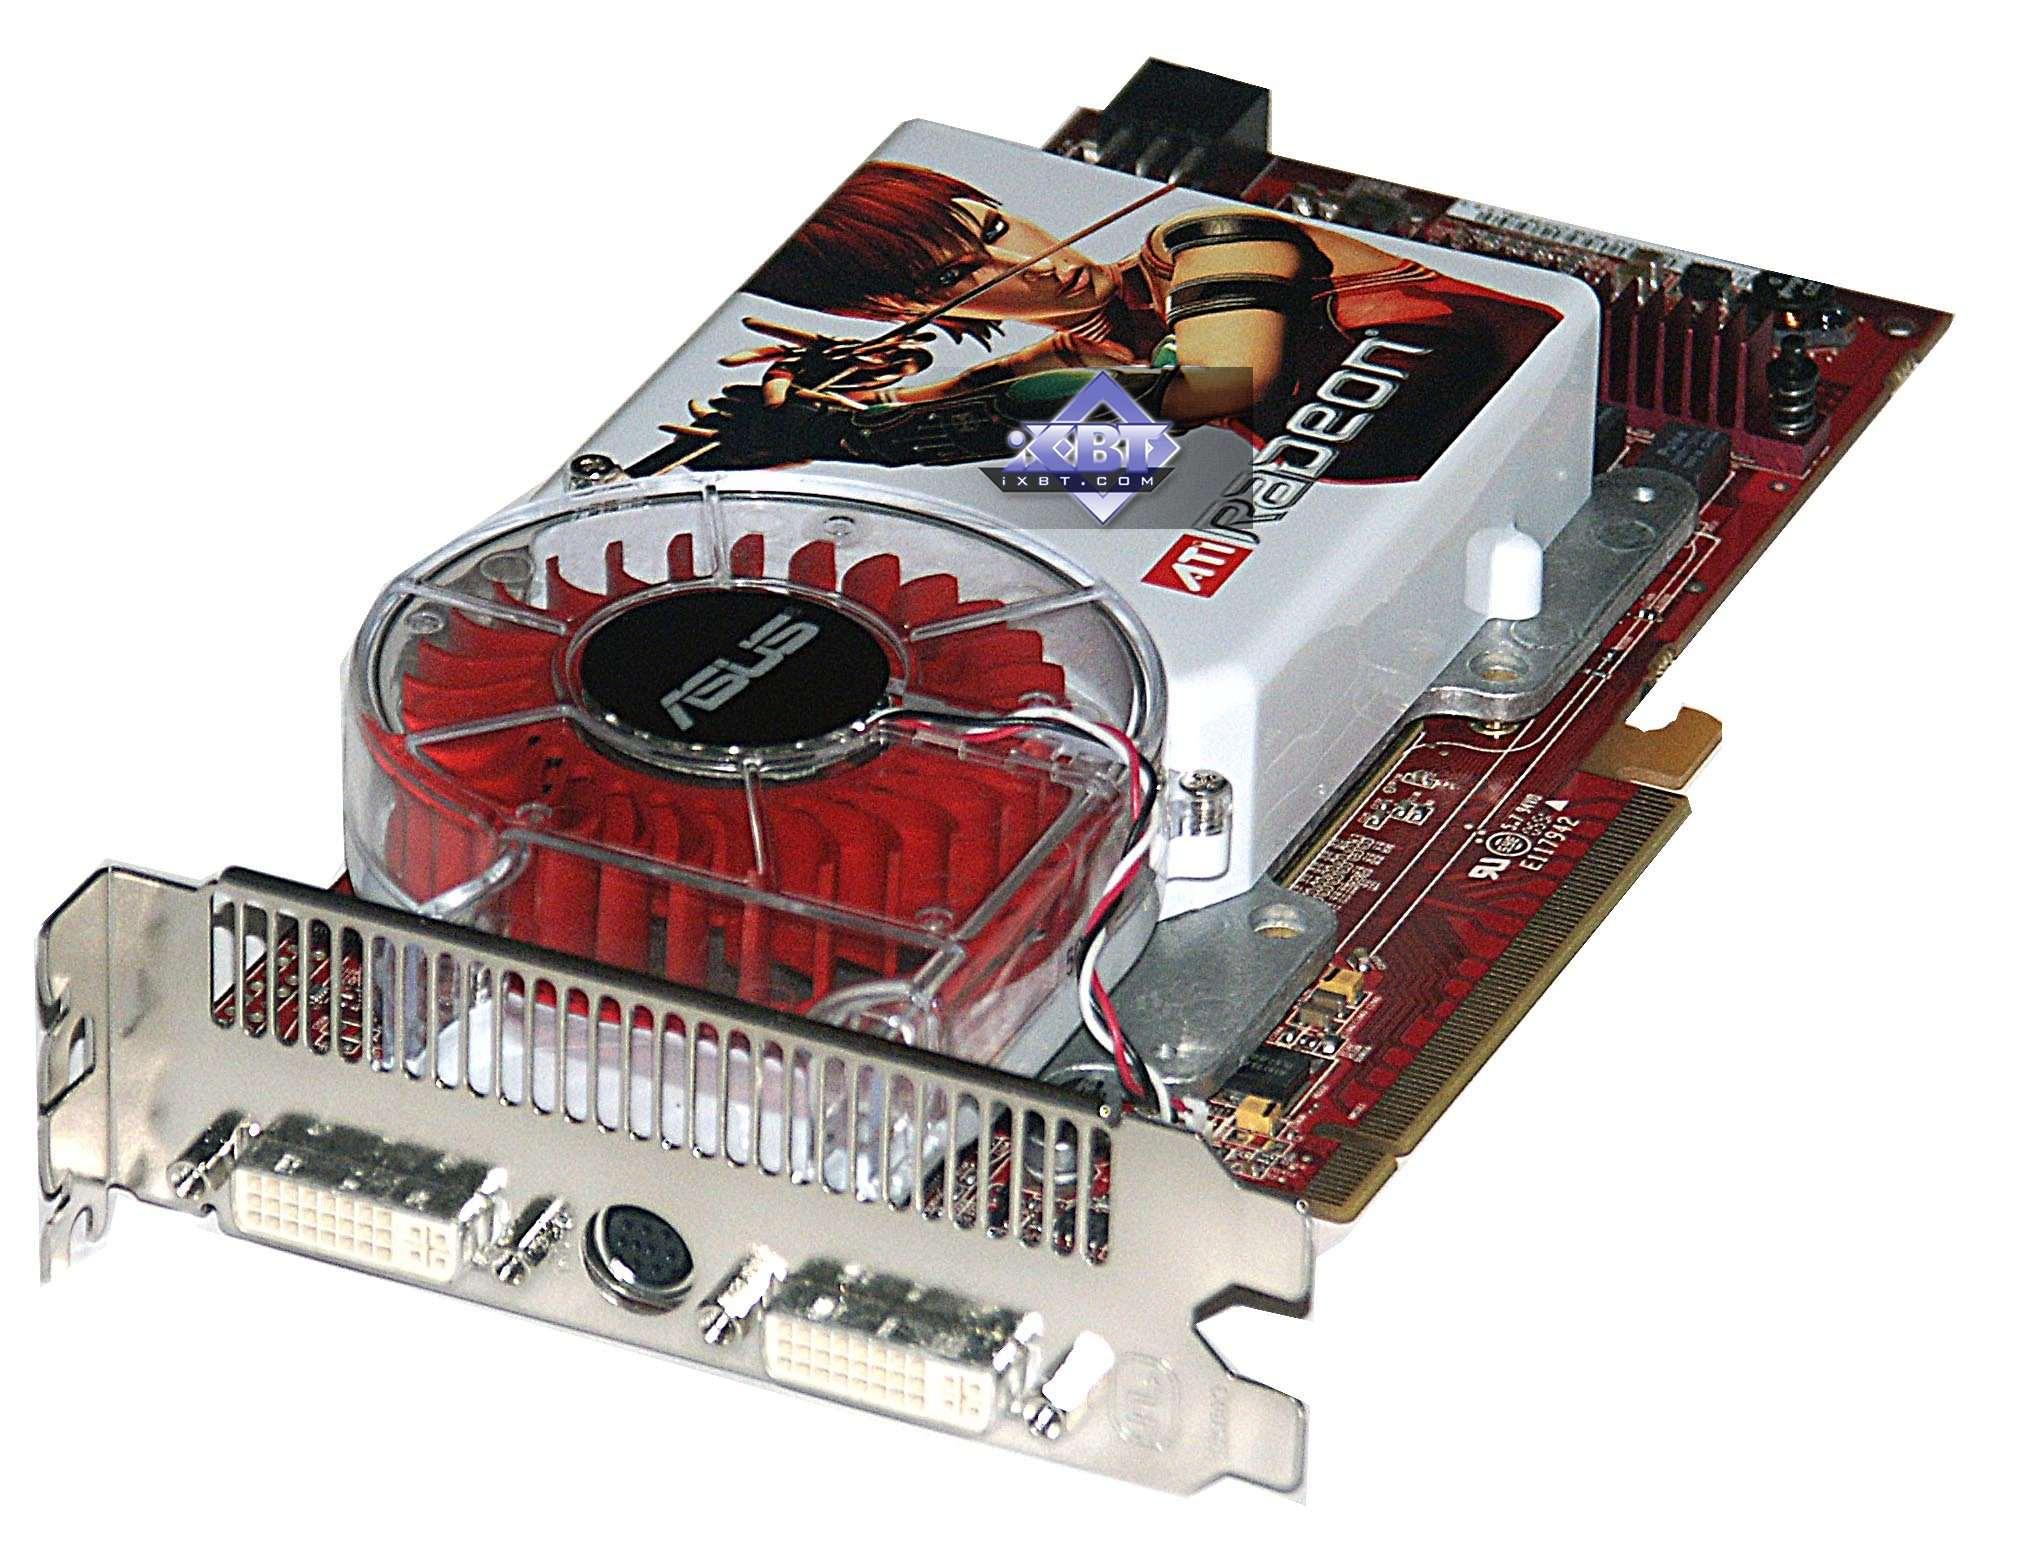 ATI HD4350 512GB DDR2 PCI-E HDMI Fanless